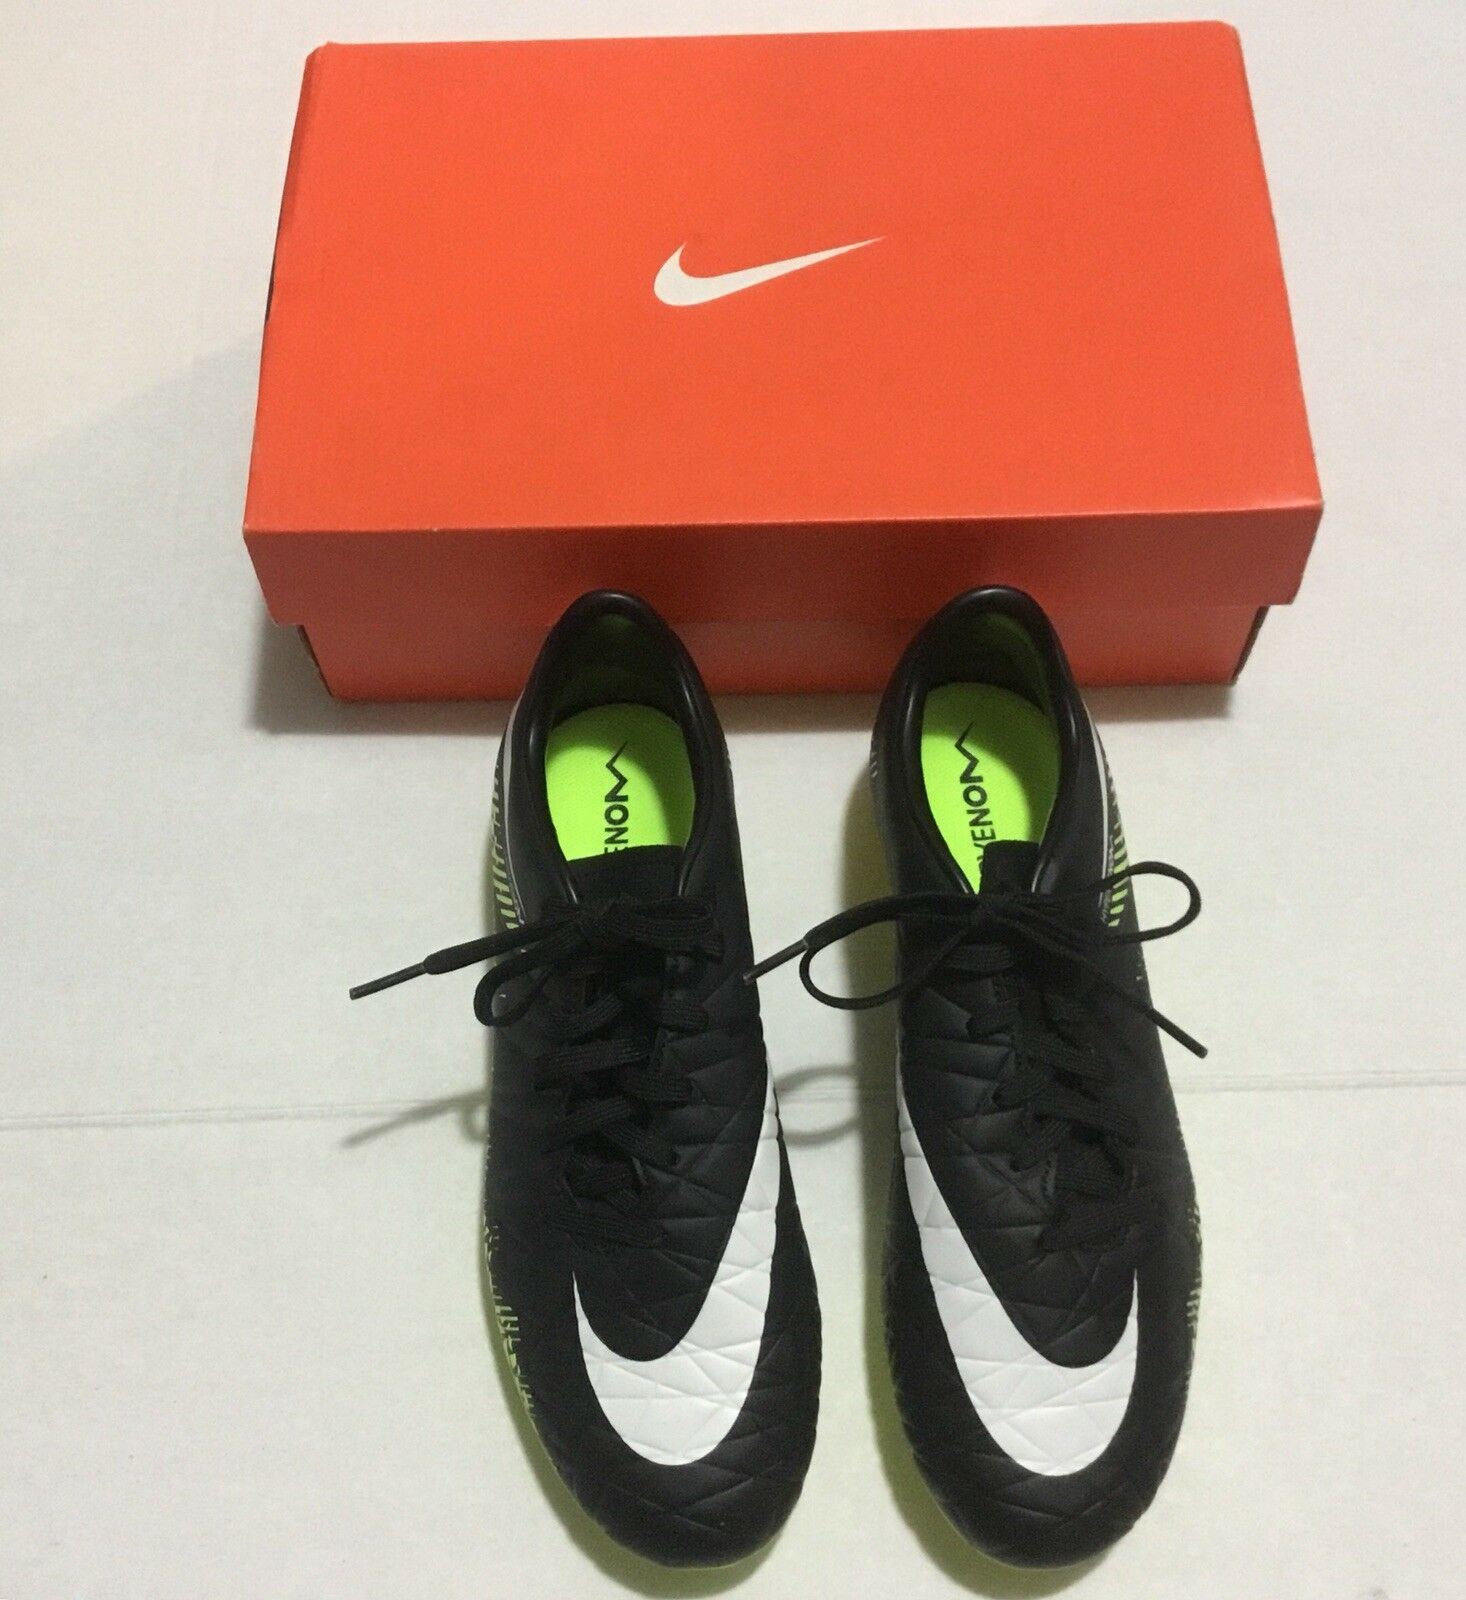 Nike uomini hypervenom phelon ii fg 749896017 749896017 749896017 football boot scarpette blk / giallo 6,5 9cdb70